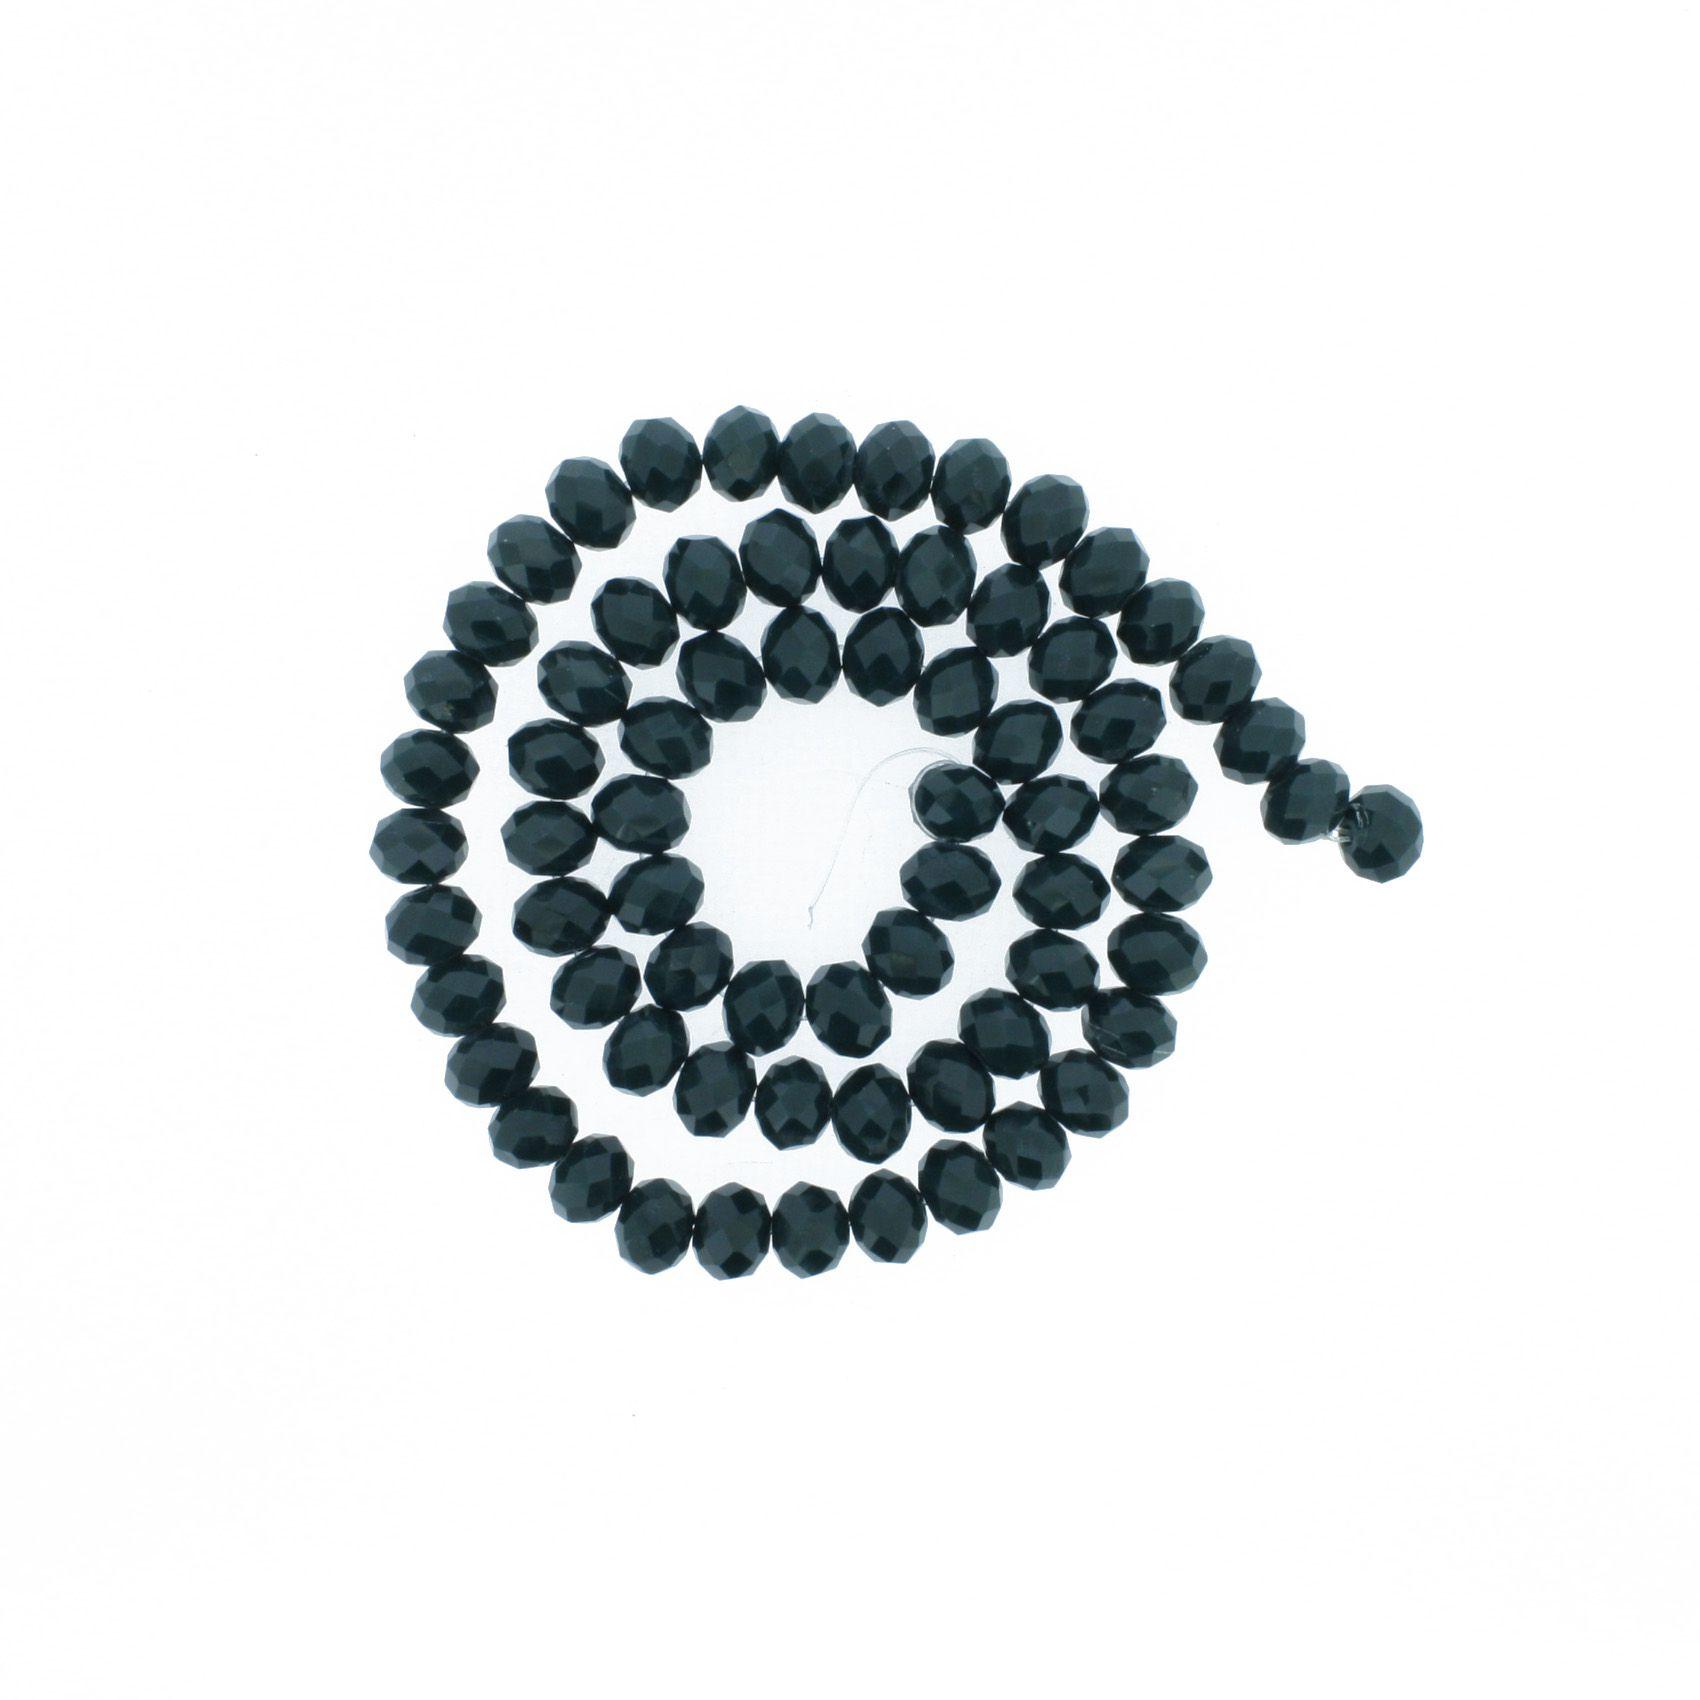 Fio de Cristal - Flat® - Verde Escuro - 8mm  - Stéphanie Bijoux® - Peças para Bijuterias e Artesanato